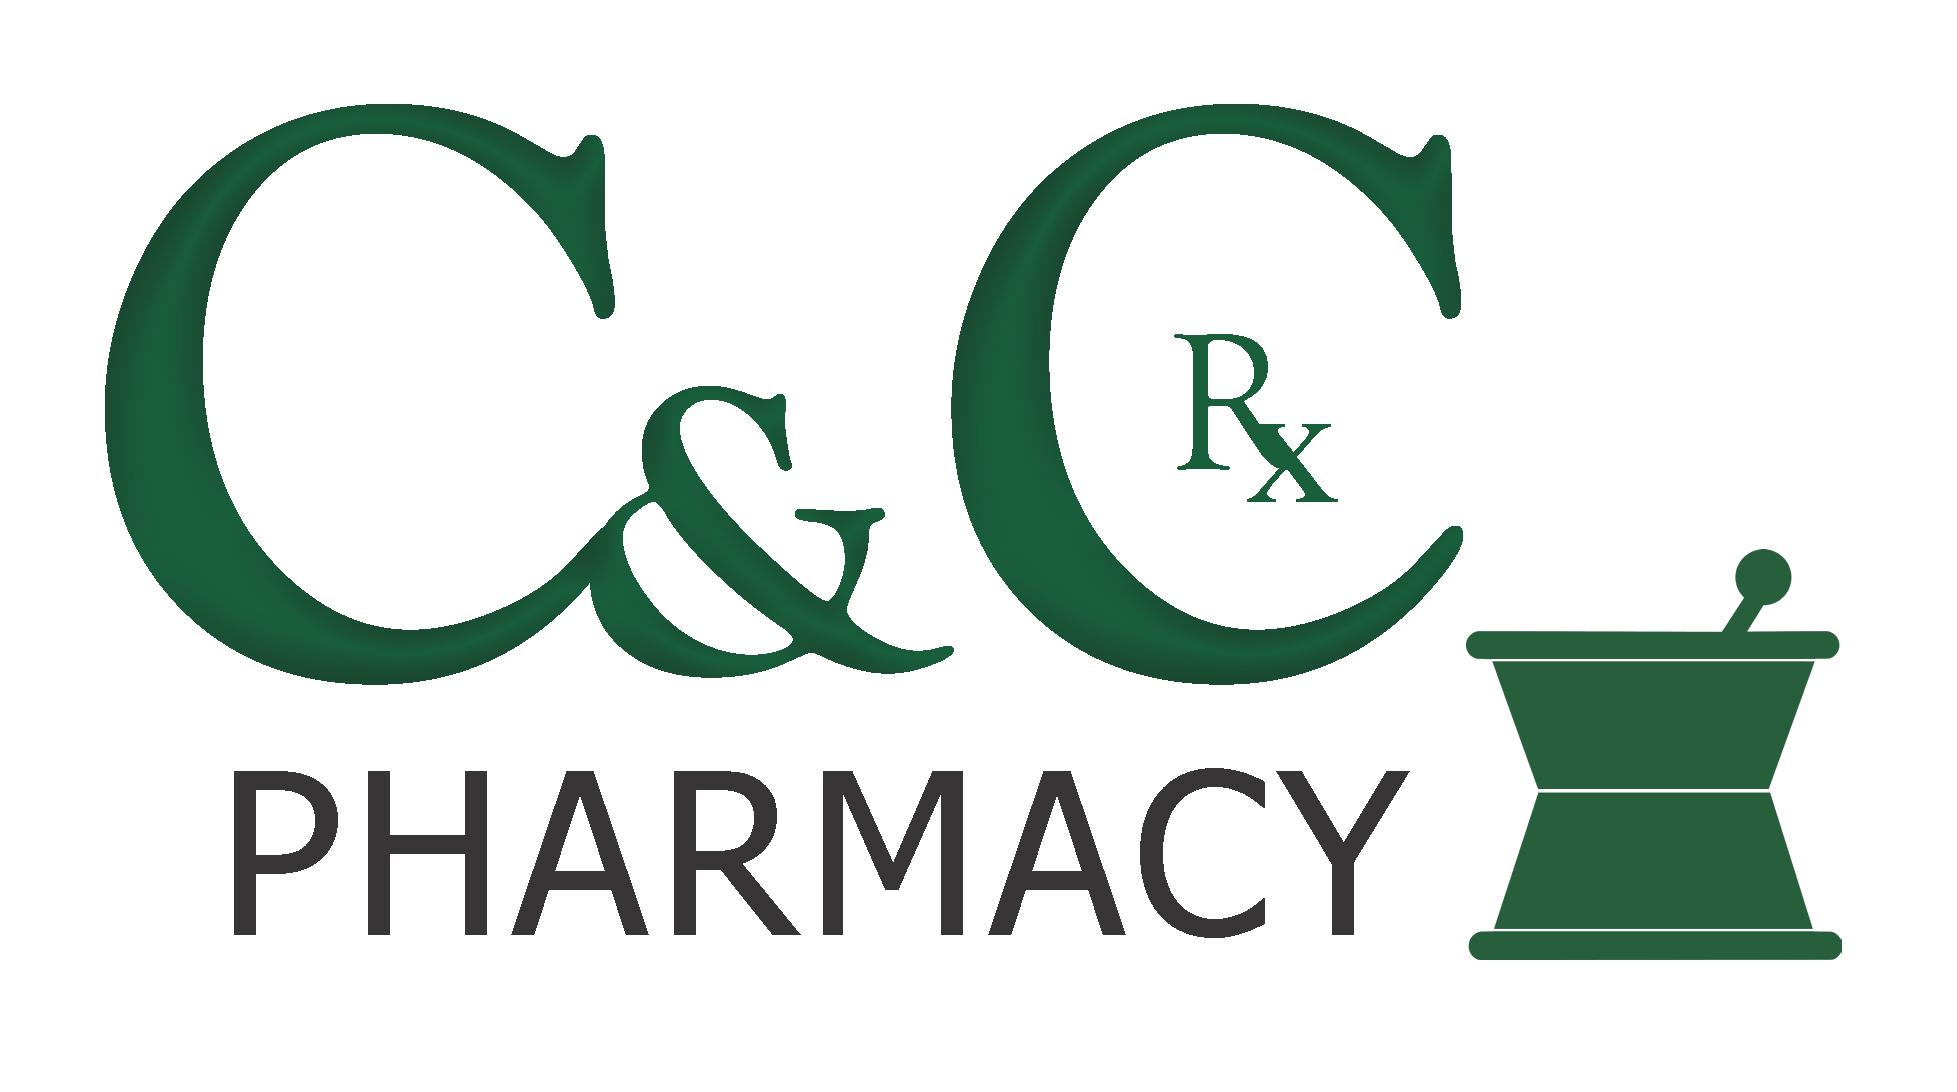 C & C Community Pharmacy